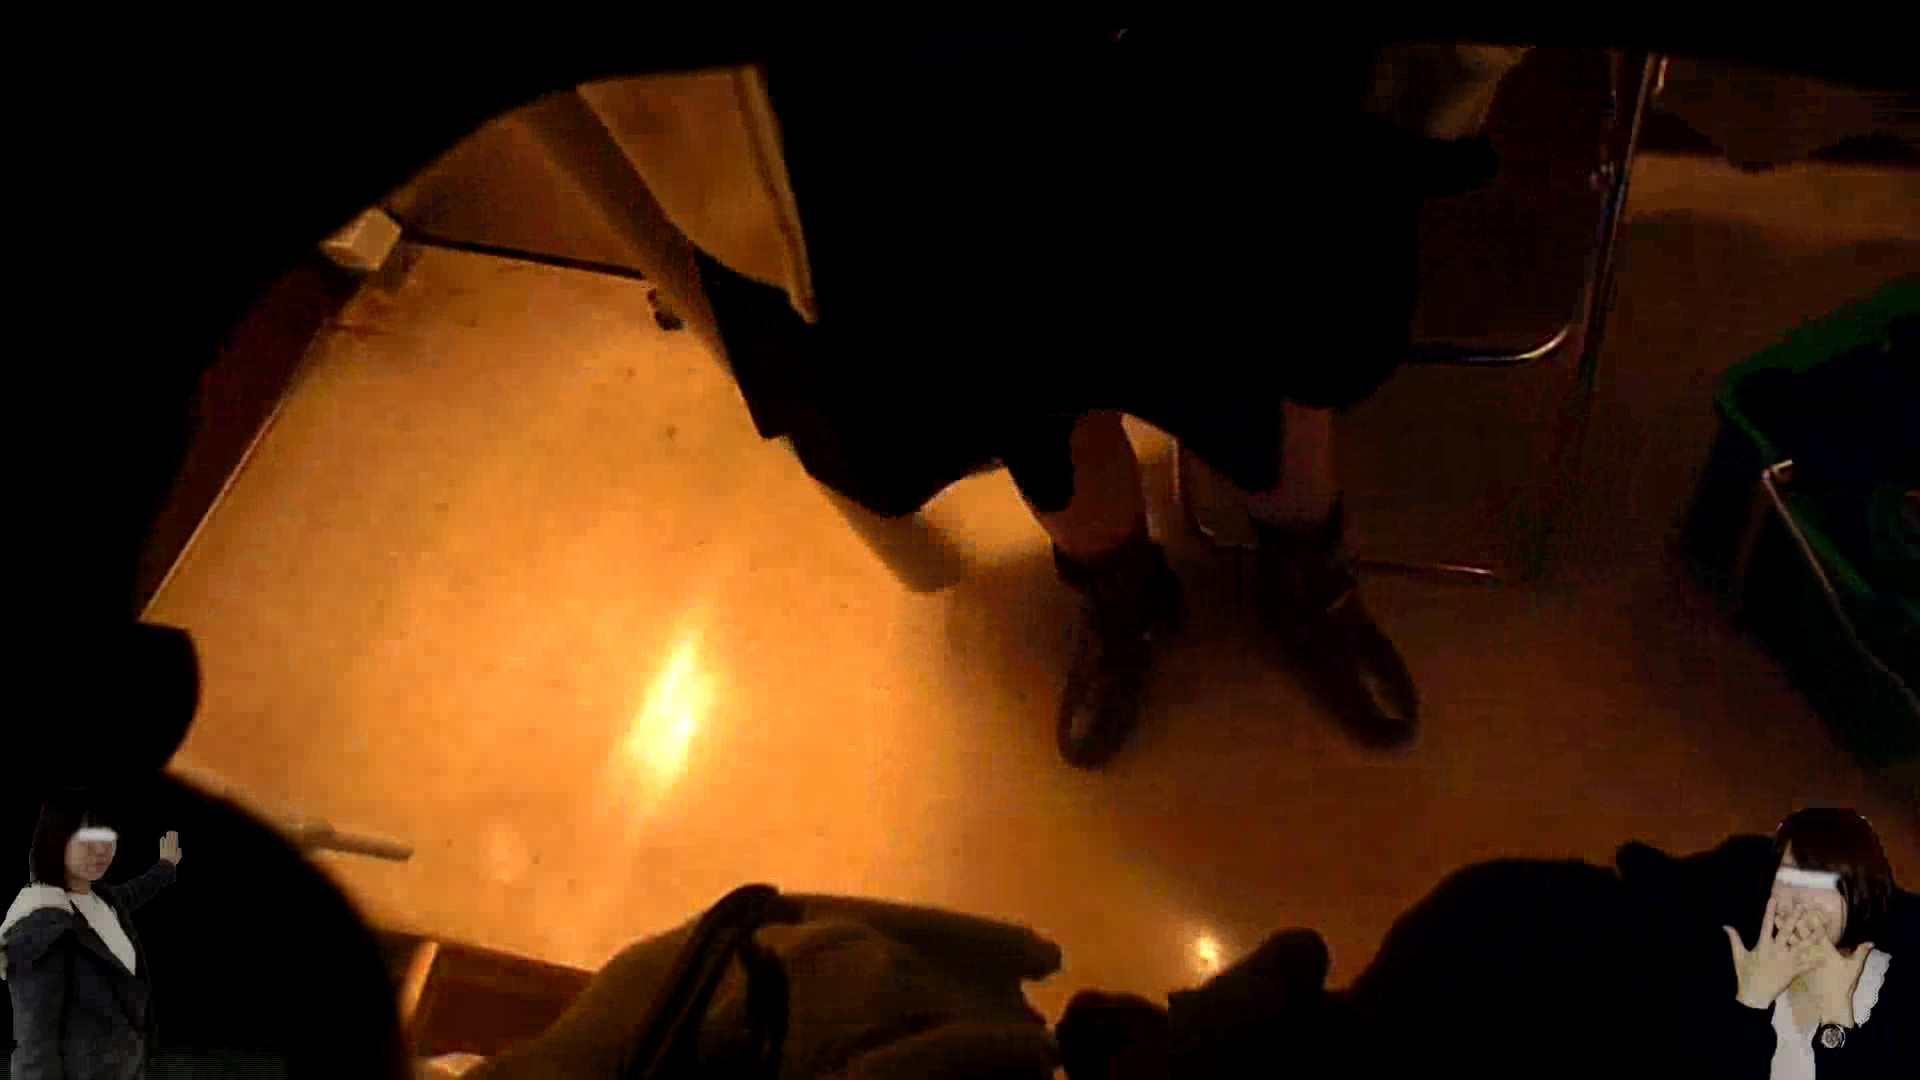 素人投稿 現役「JD」Eちゃんの着替え Vol.05 着替え | 投稿  78pic 5